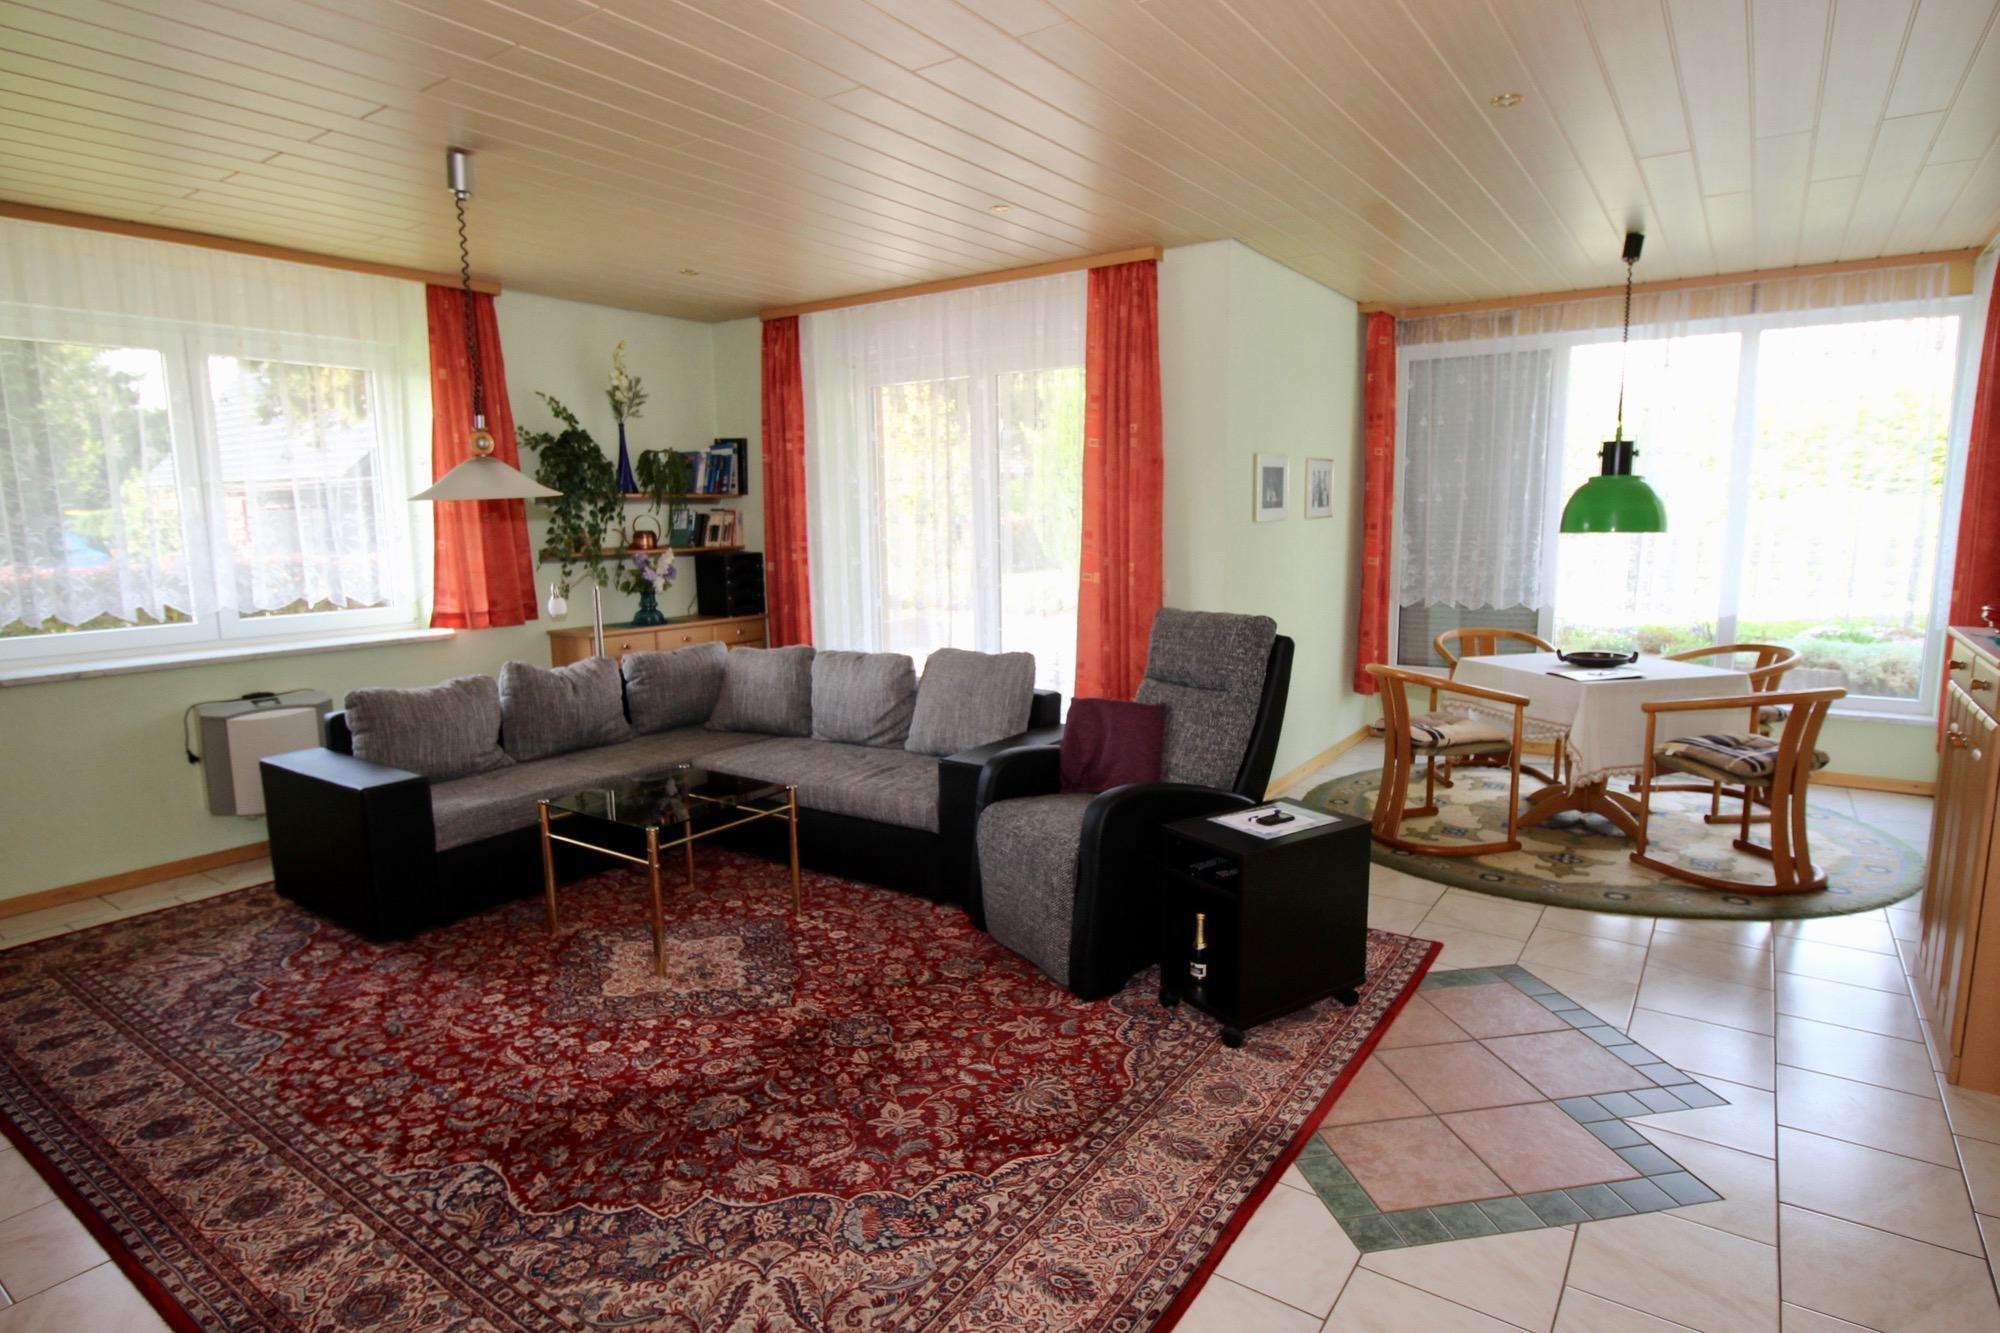 Wohnbereich mit Essecke im Erdgeschoss